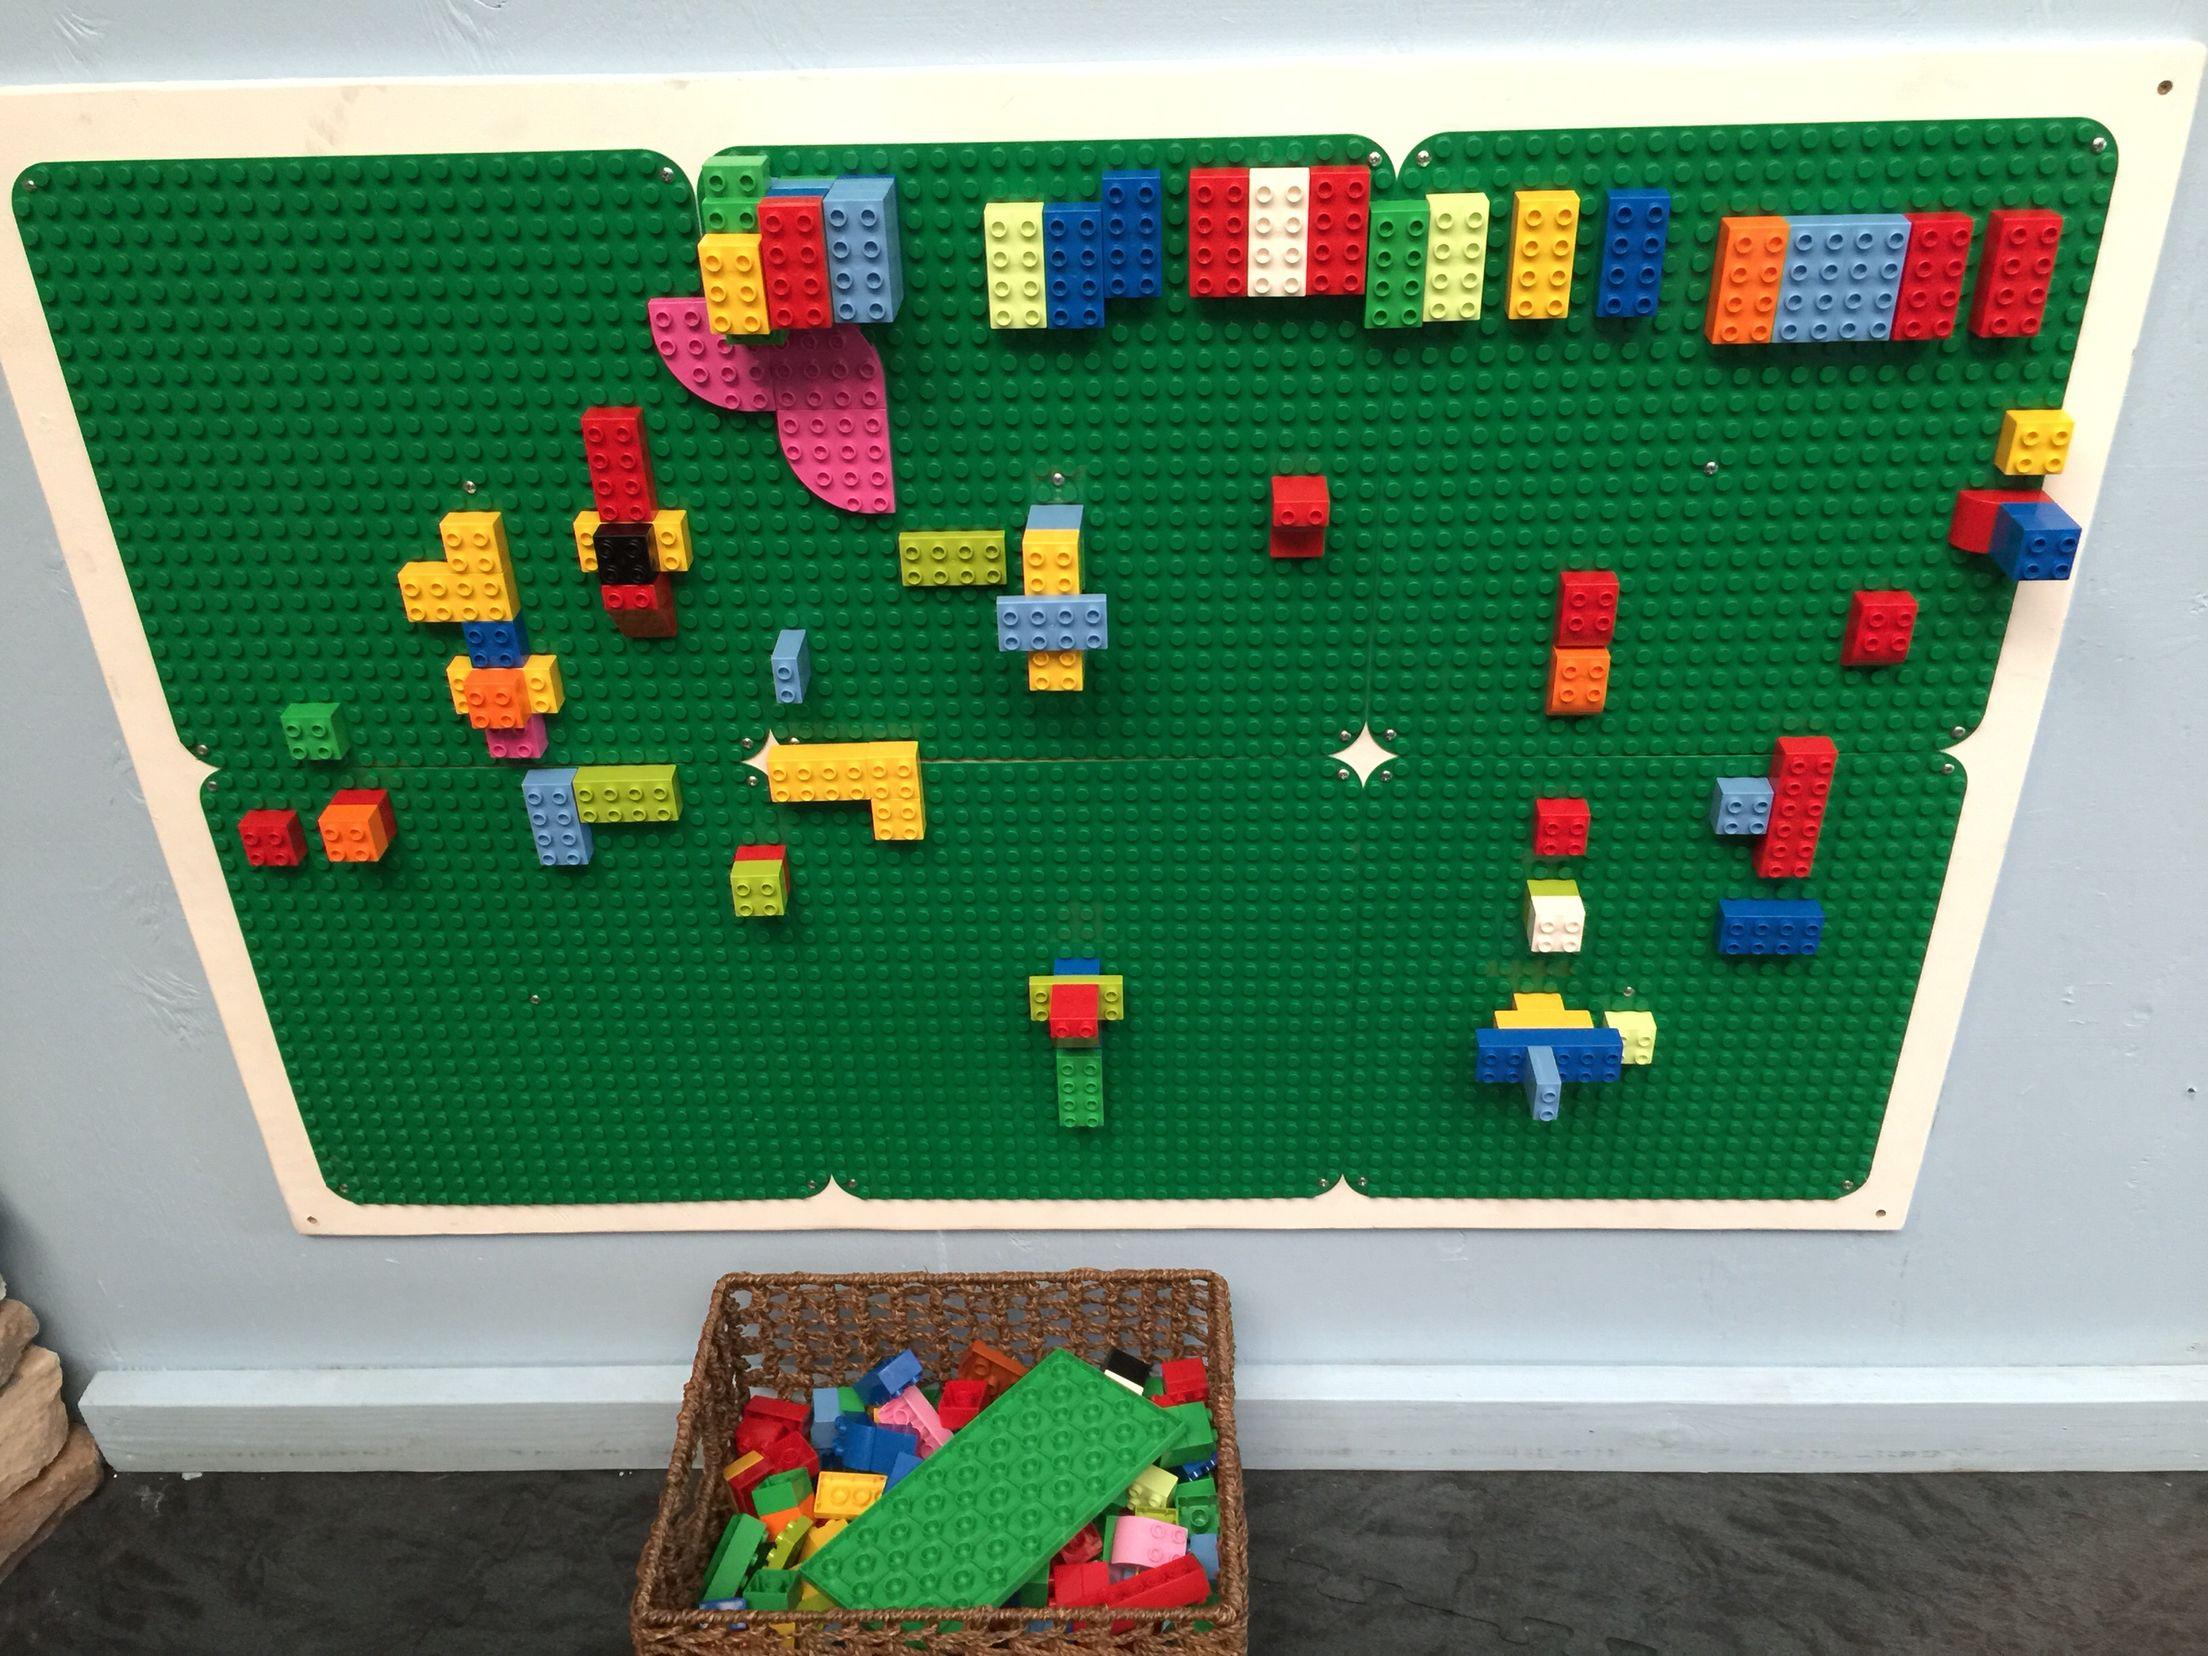 Lego Wall Lego Wall Preschool Rooms Outdoor Learning